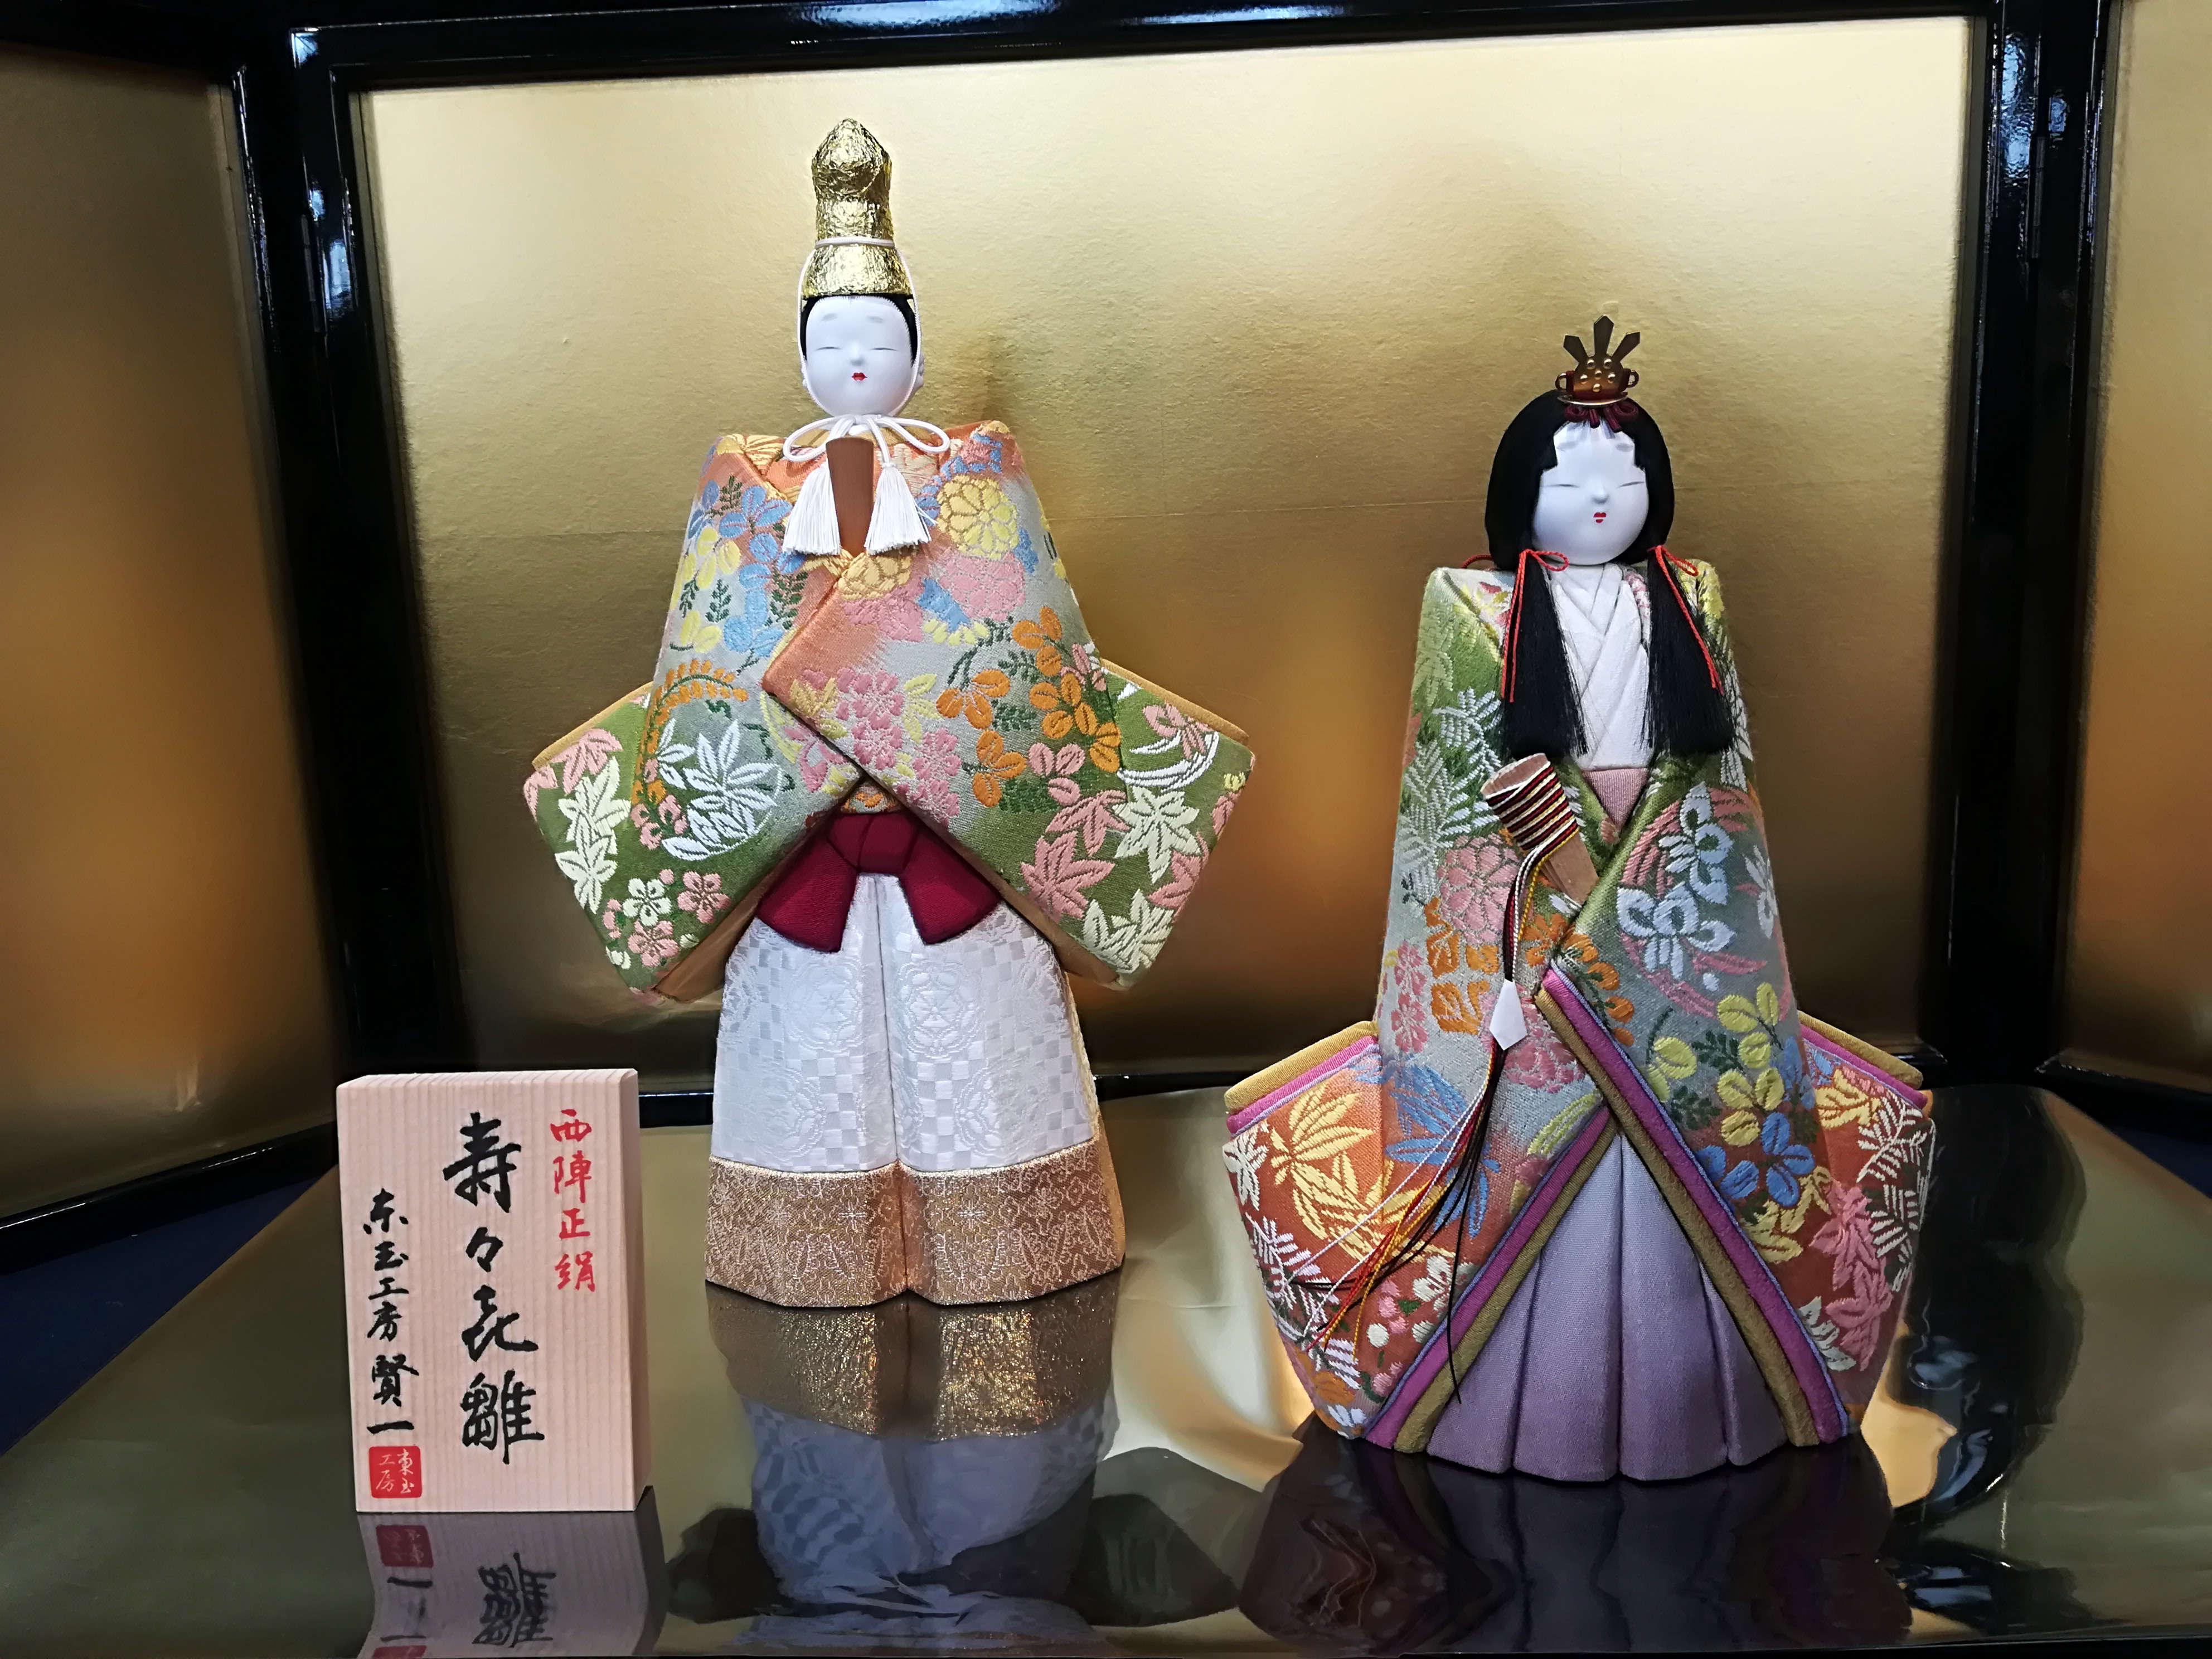 「賢一」の新作ひな人形。限定衣裳の数々。